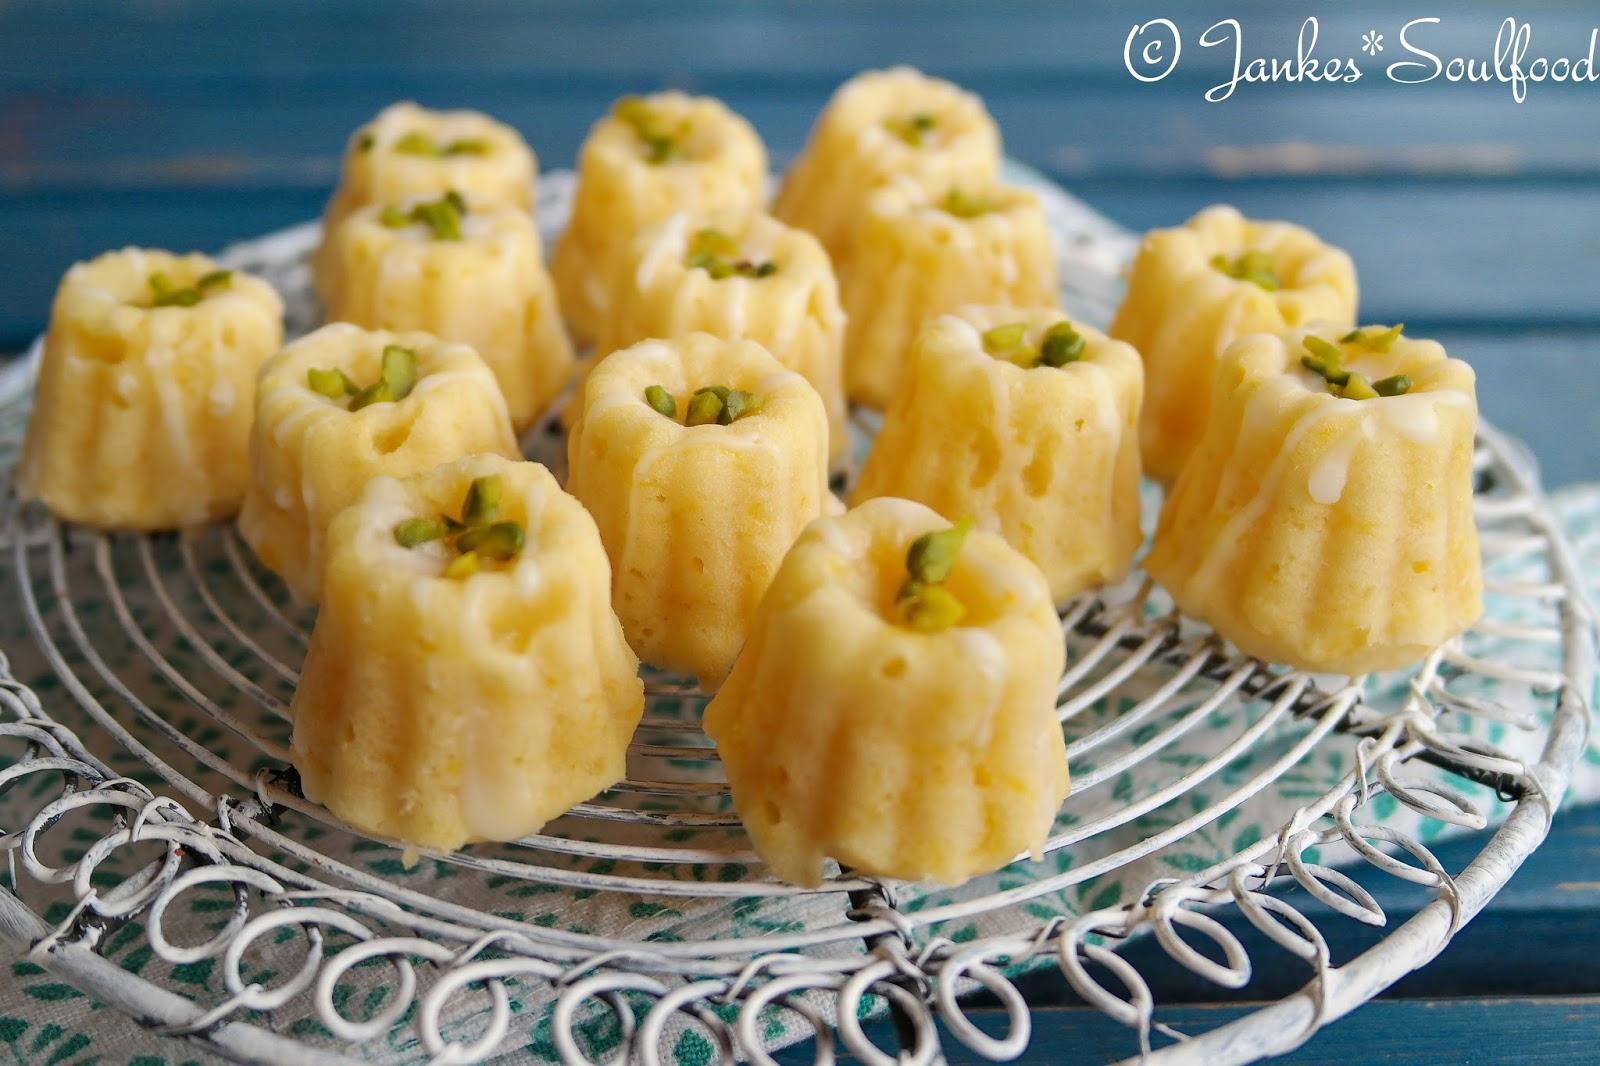 die schnabulöse Zucchini-Woche auf Jankes Soulfood